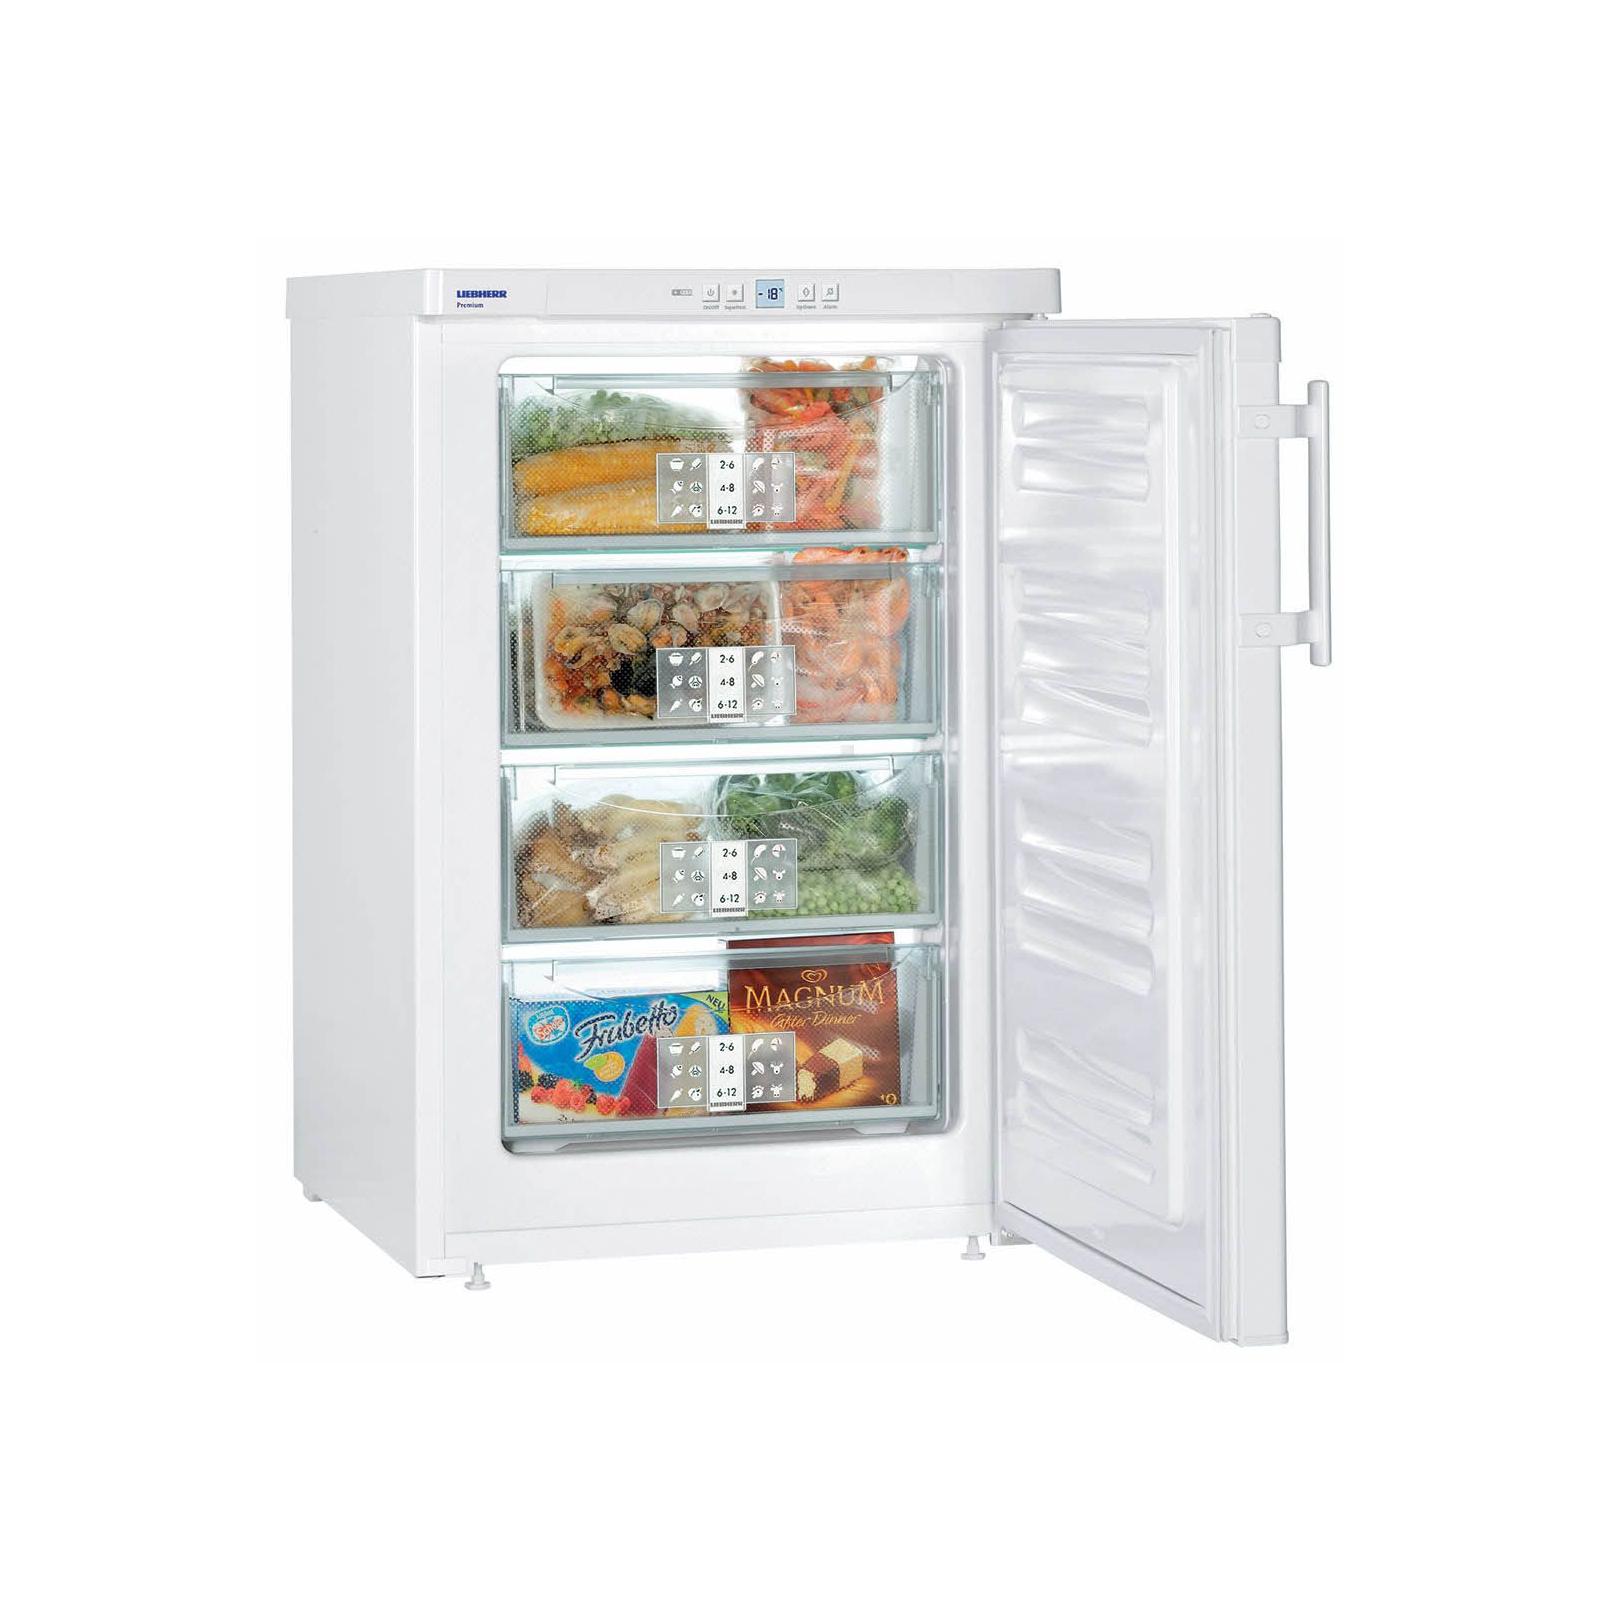 купить морозильную камеру в спб для дома